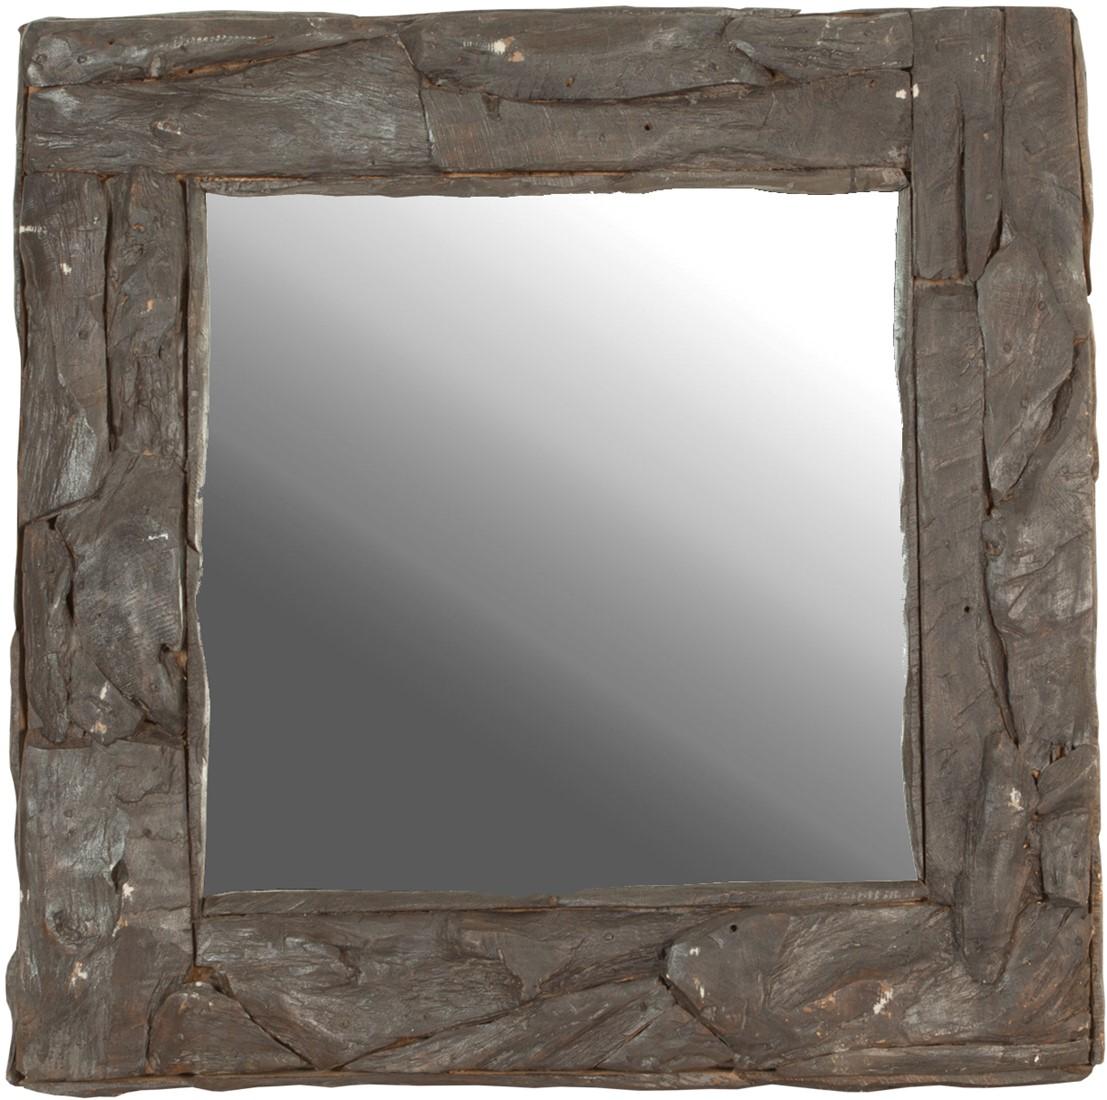 Spiegel rustic spiegel root zwart vierkant bij nano interieur - Spiegel voor ingang ...